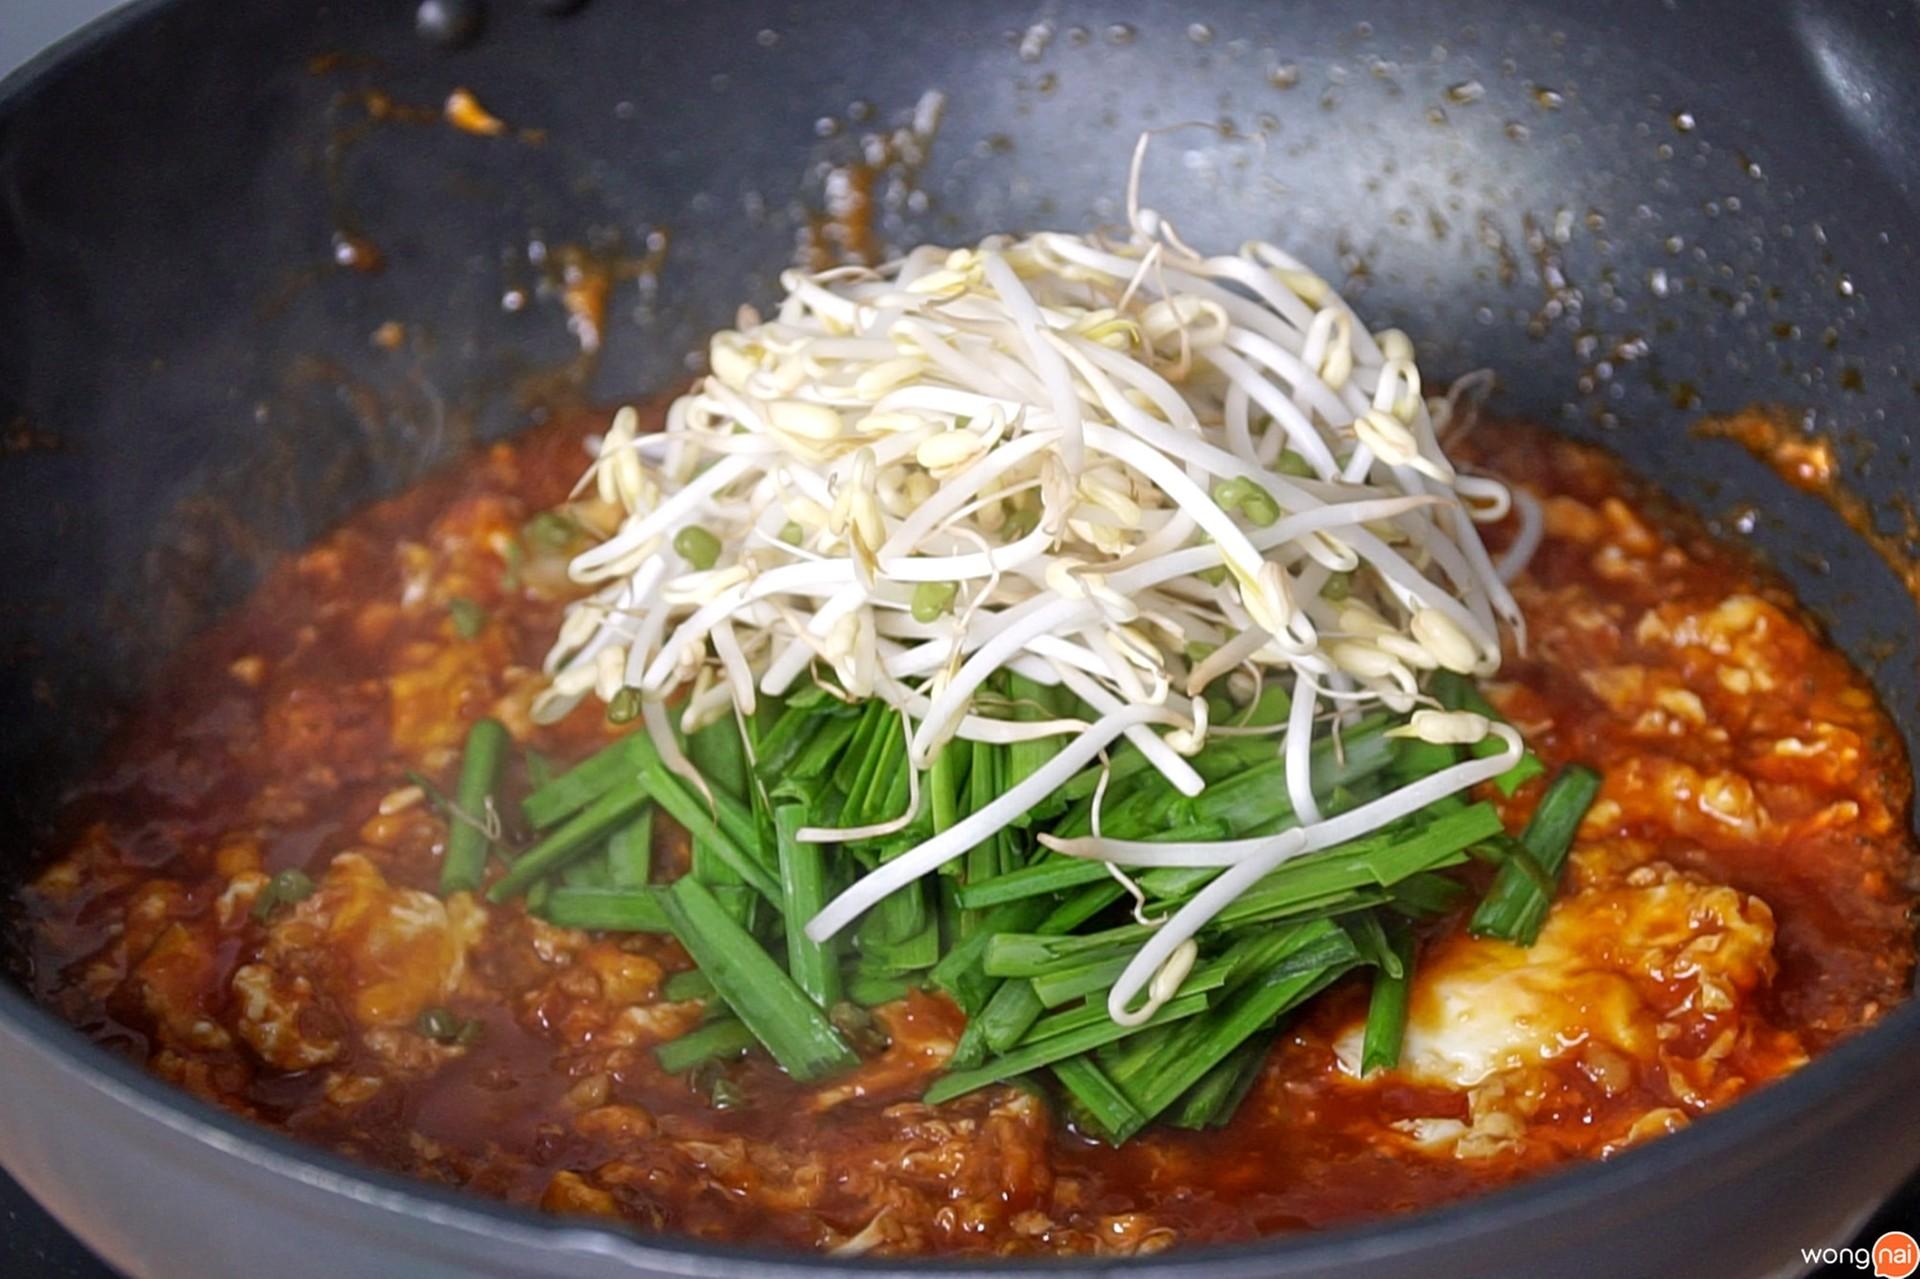 วิธีทำ เกี๊ยวซ่ากุ้งผัดไทย